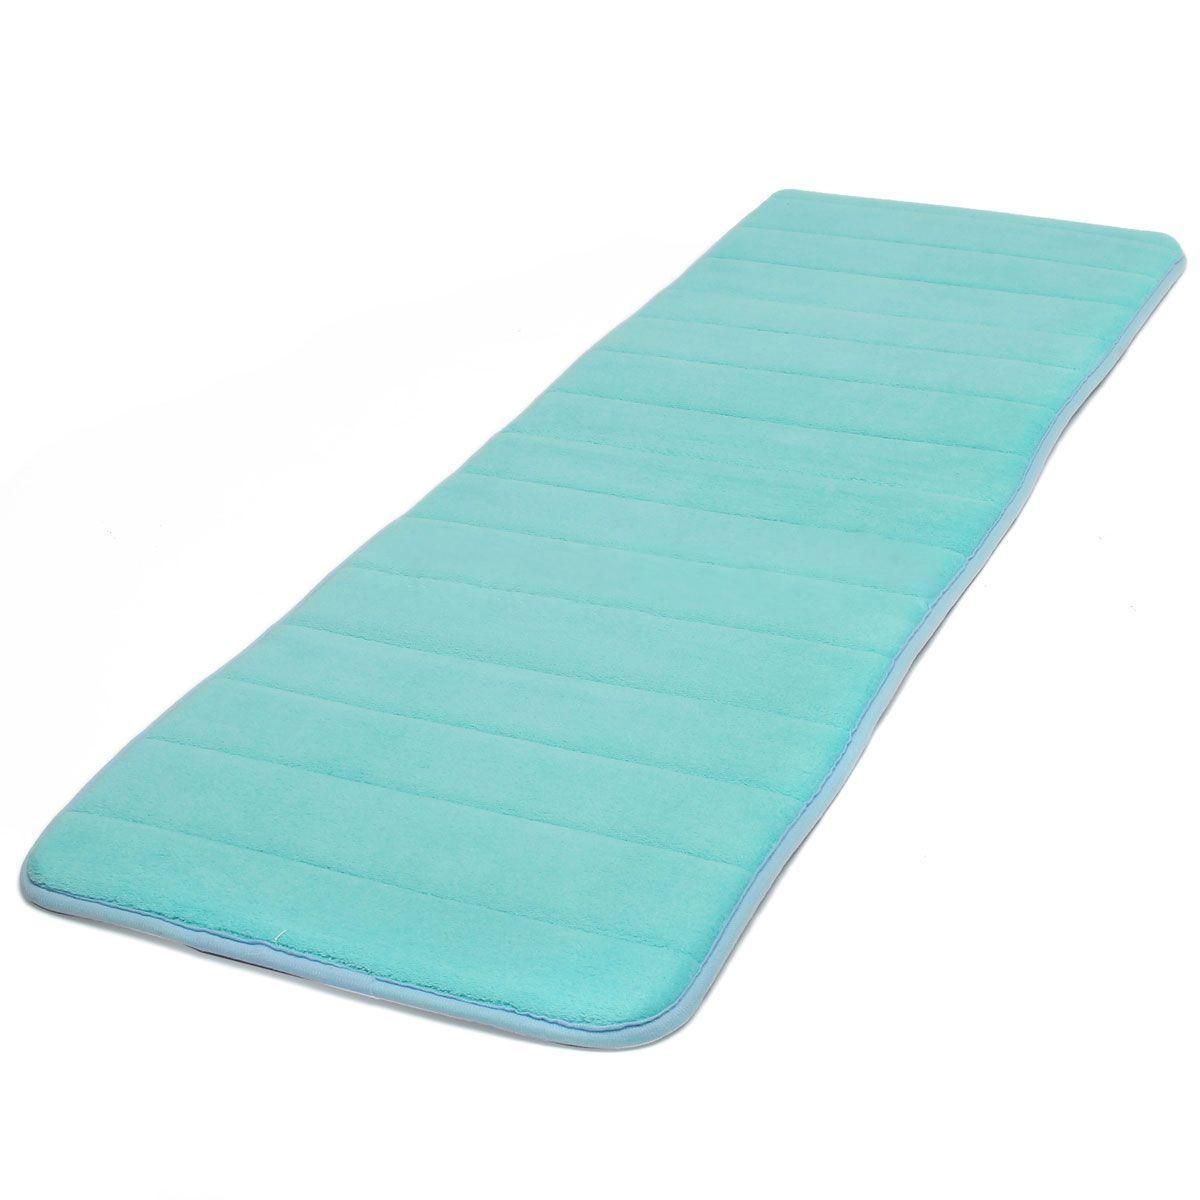 GSFY-120x40cm Absorbent Nonslip Memory Foam Kitchen Bedroom Door Floor Mat Rug Carpet blue